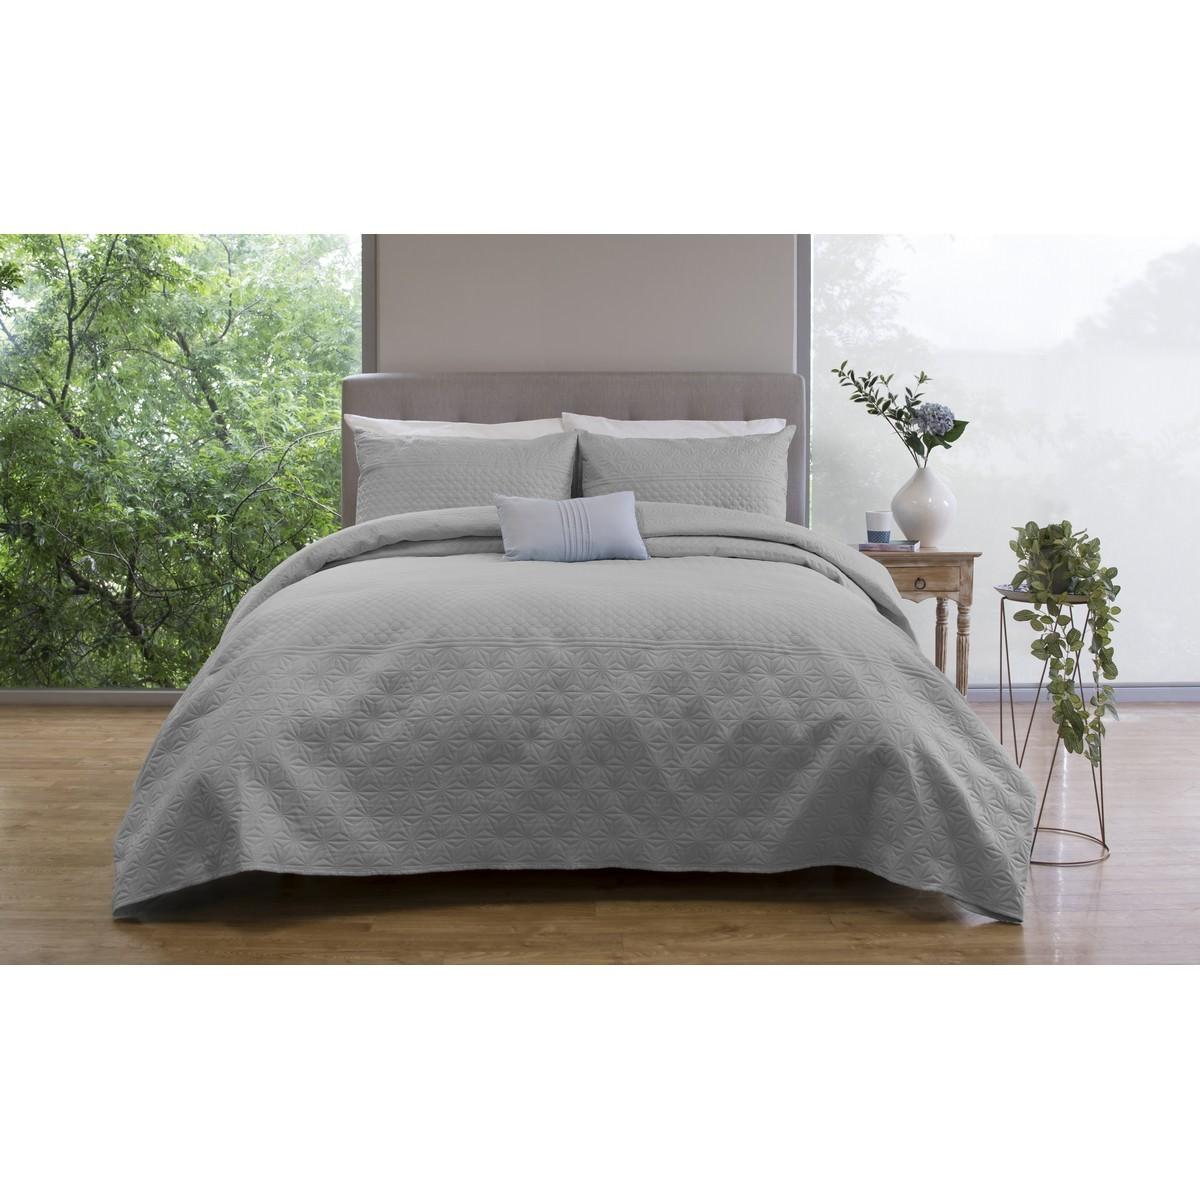 Ardor Boudoir Winslow Embossed Bed Coverlet Set, Queen / King, Grey